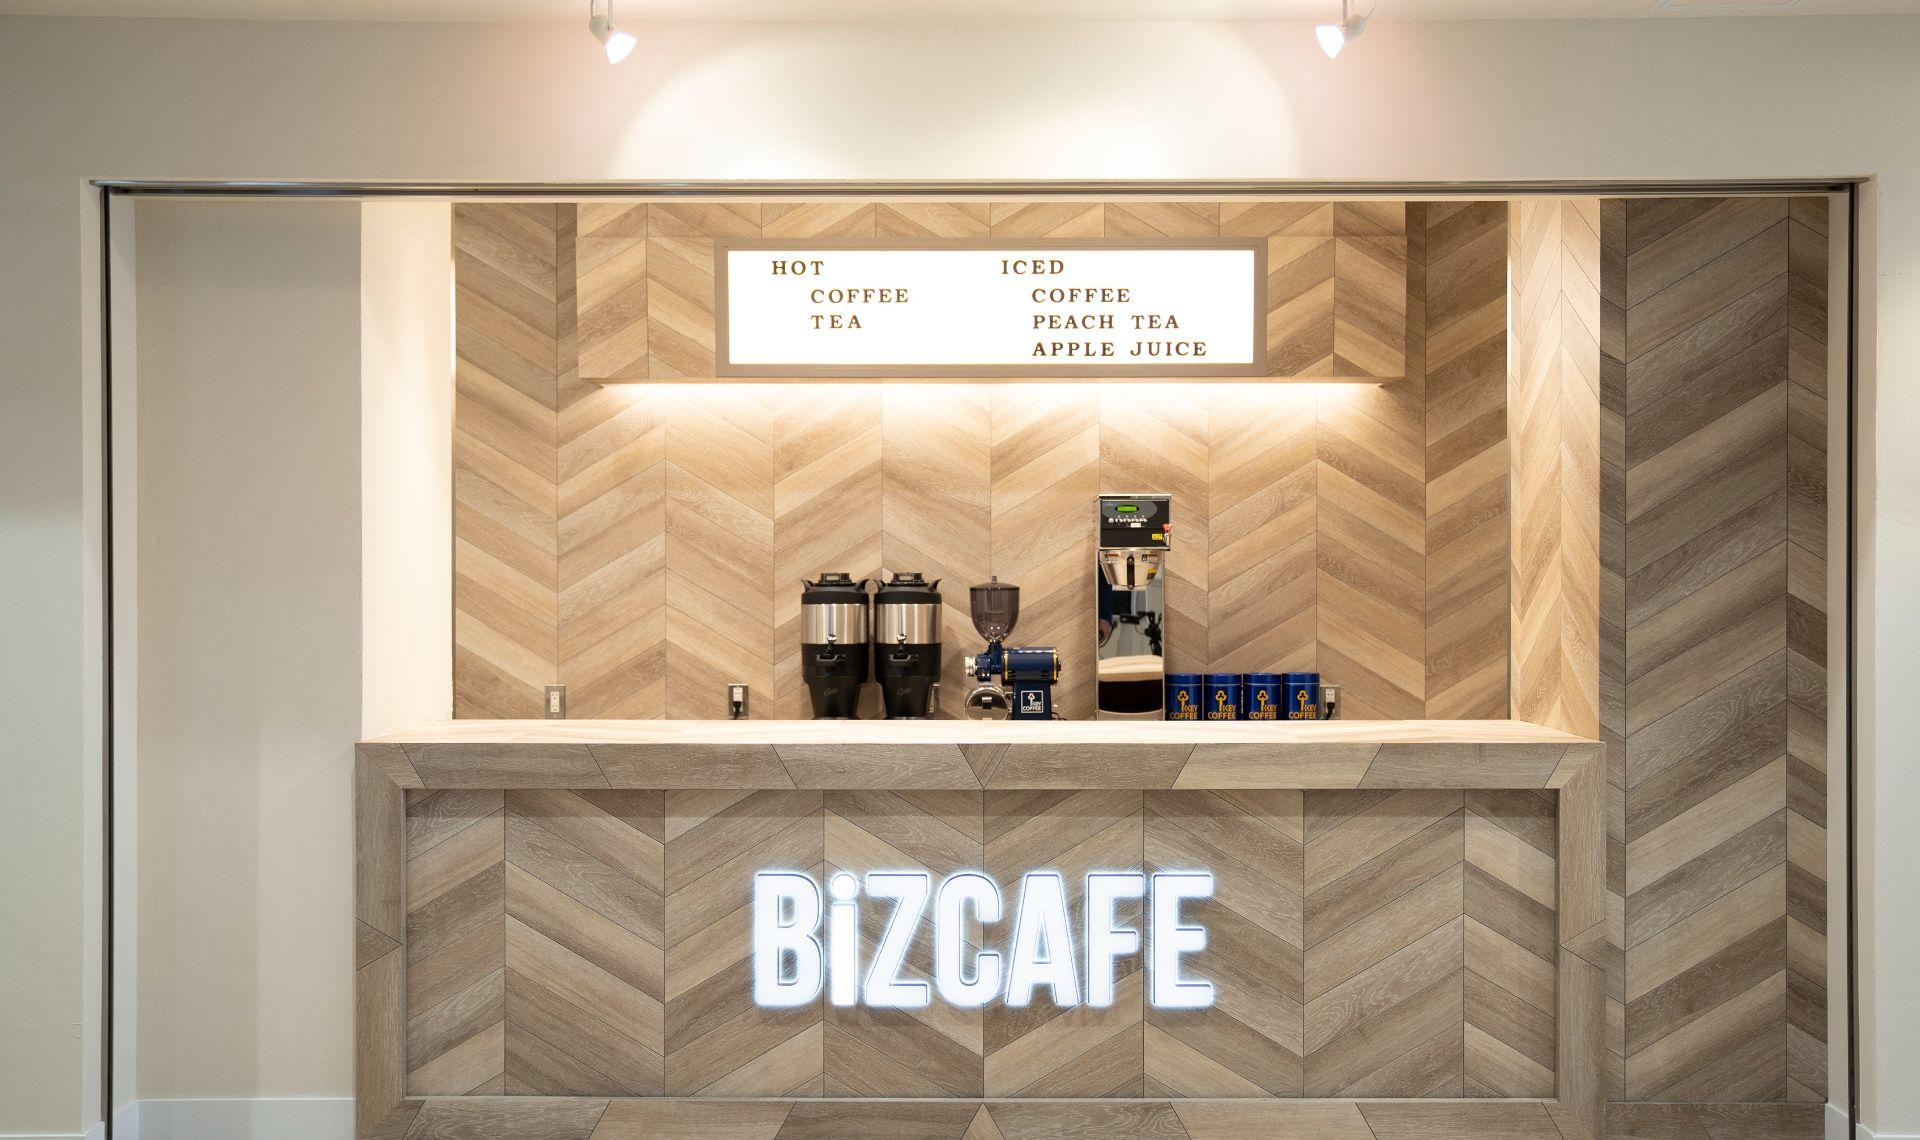 bizcafe